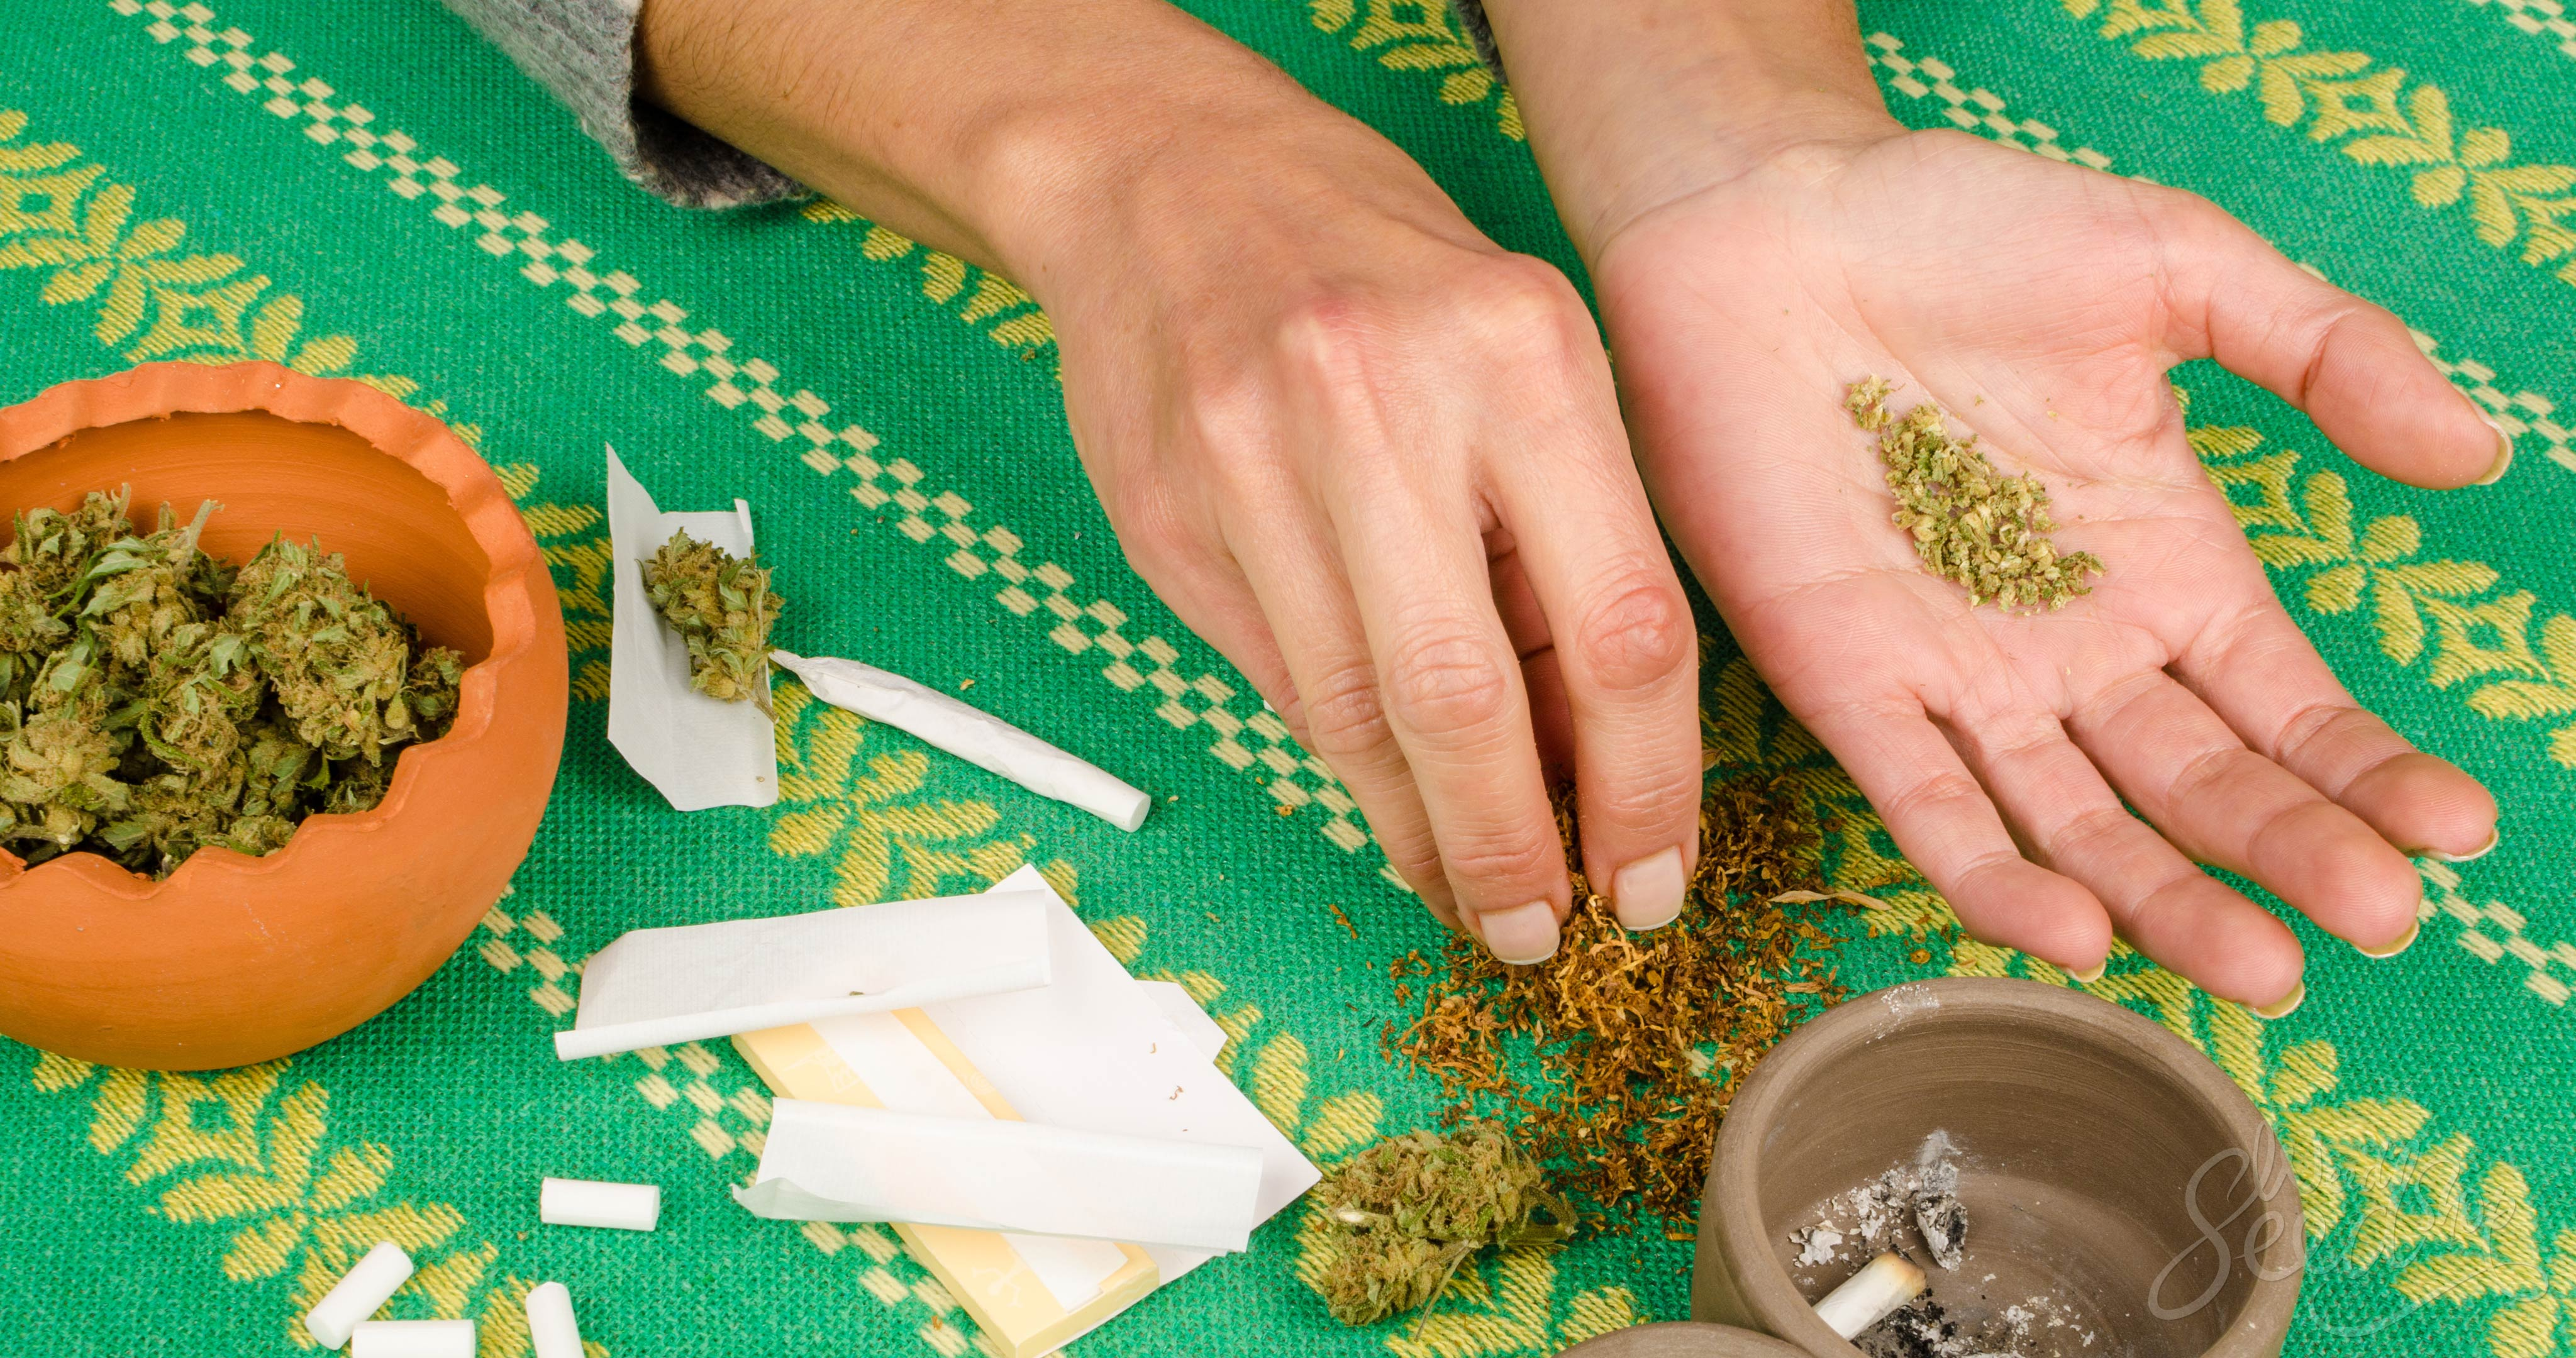 Cómo arman porros alrededor del mundo - Weed Seed Shop Blog